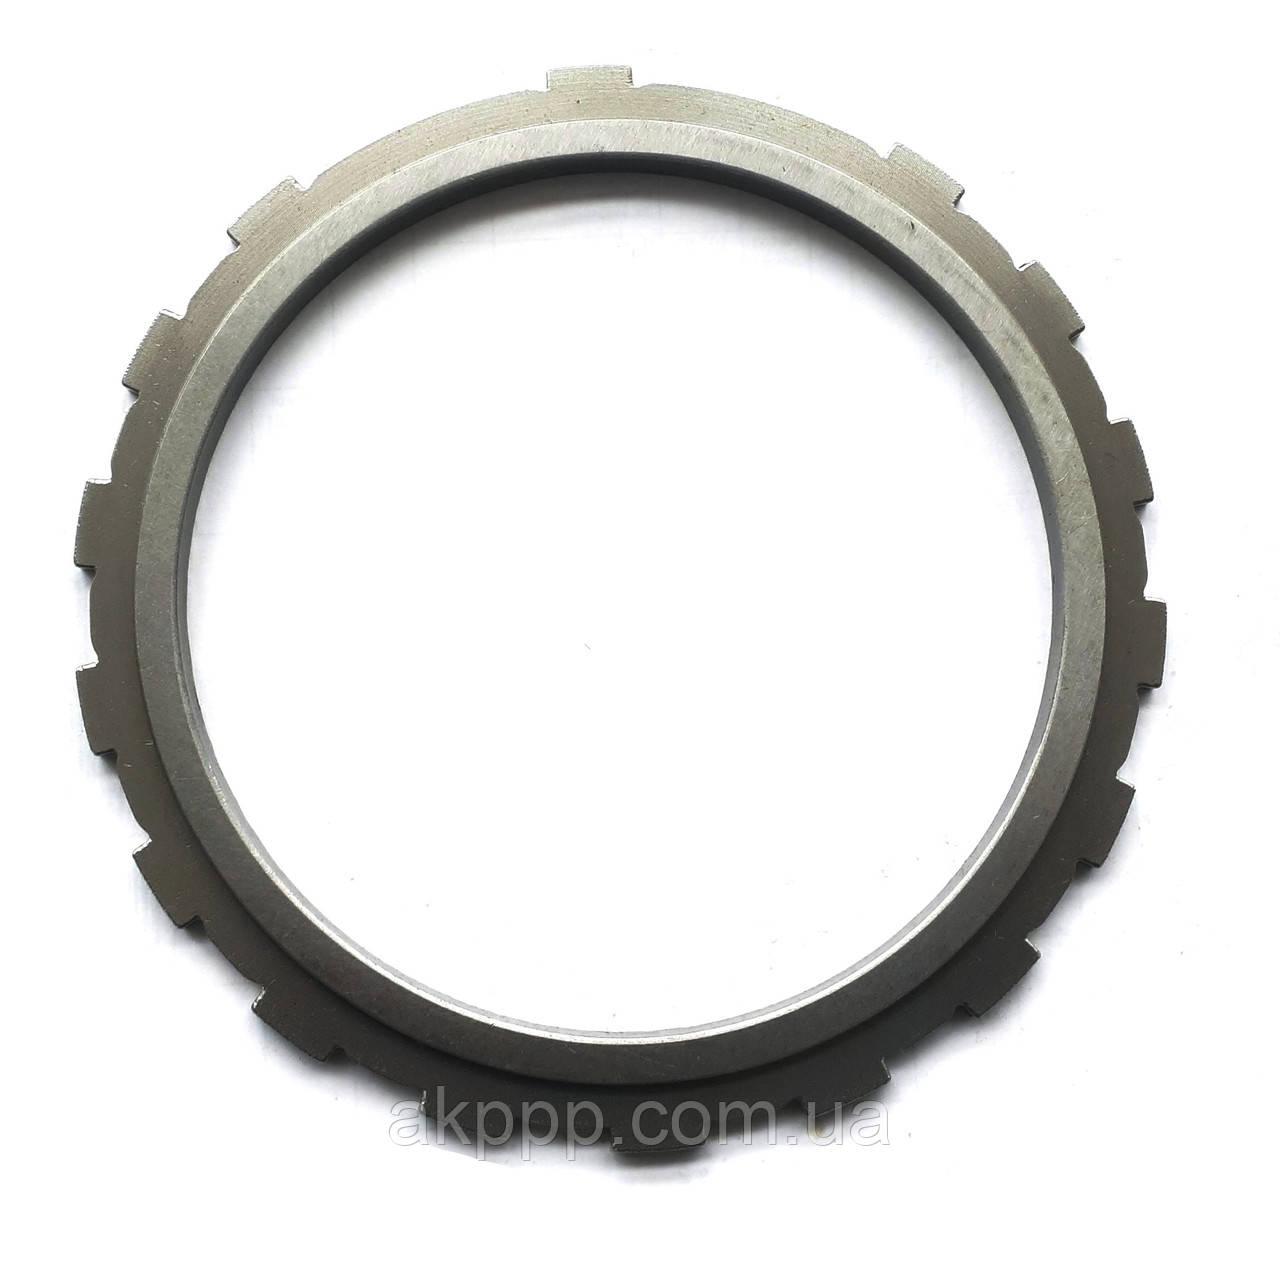 Опірний диск пакета B2 (Forward Brake) АКПП JR710E, RE7R01A, JR711E, RE7R01B, знято з нової коробки